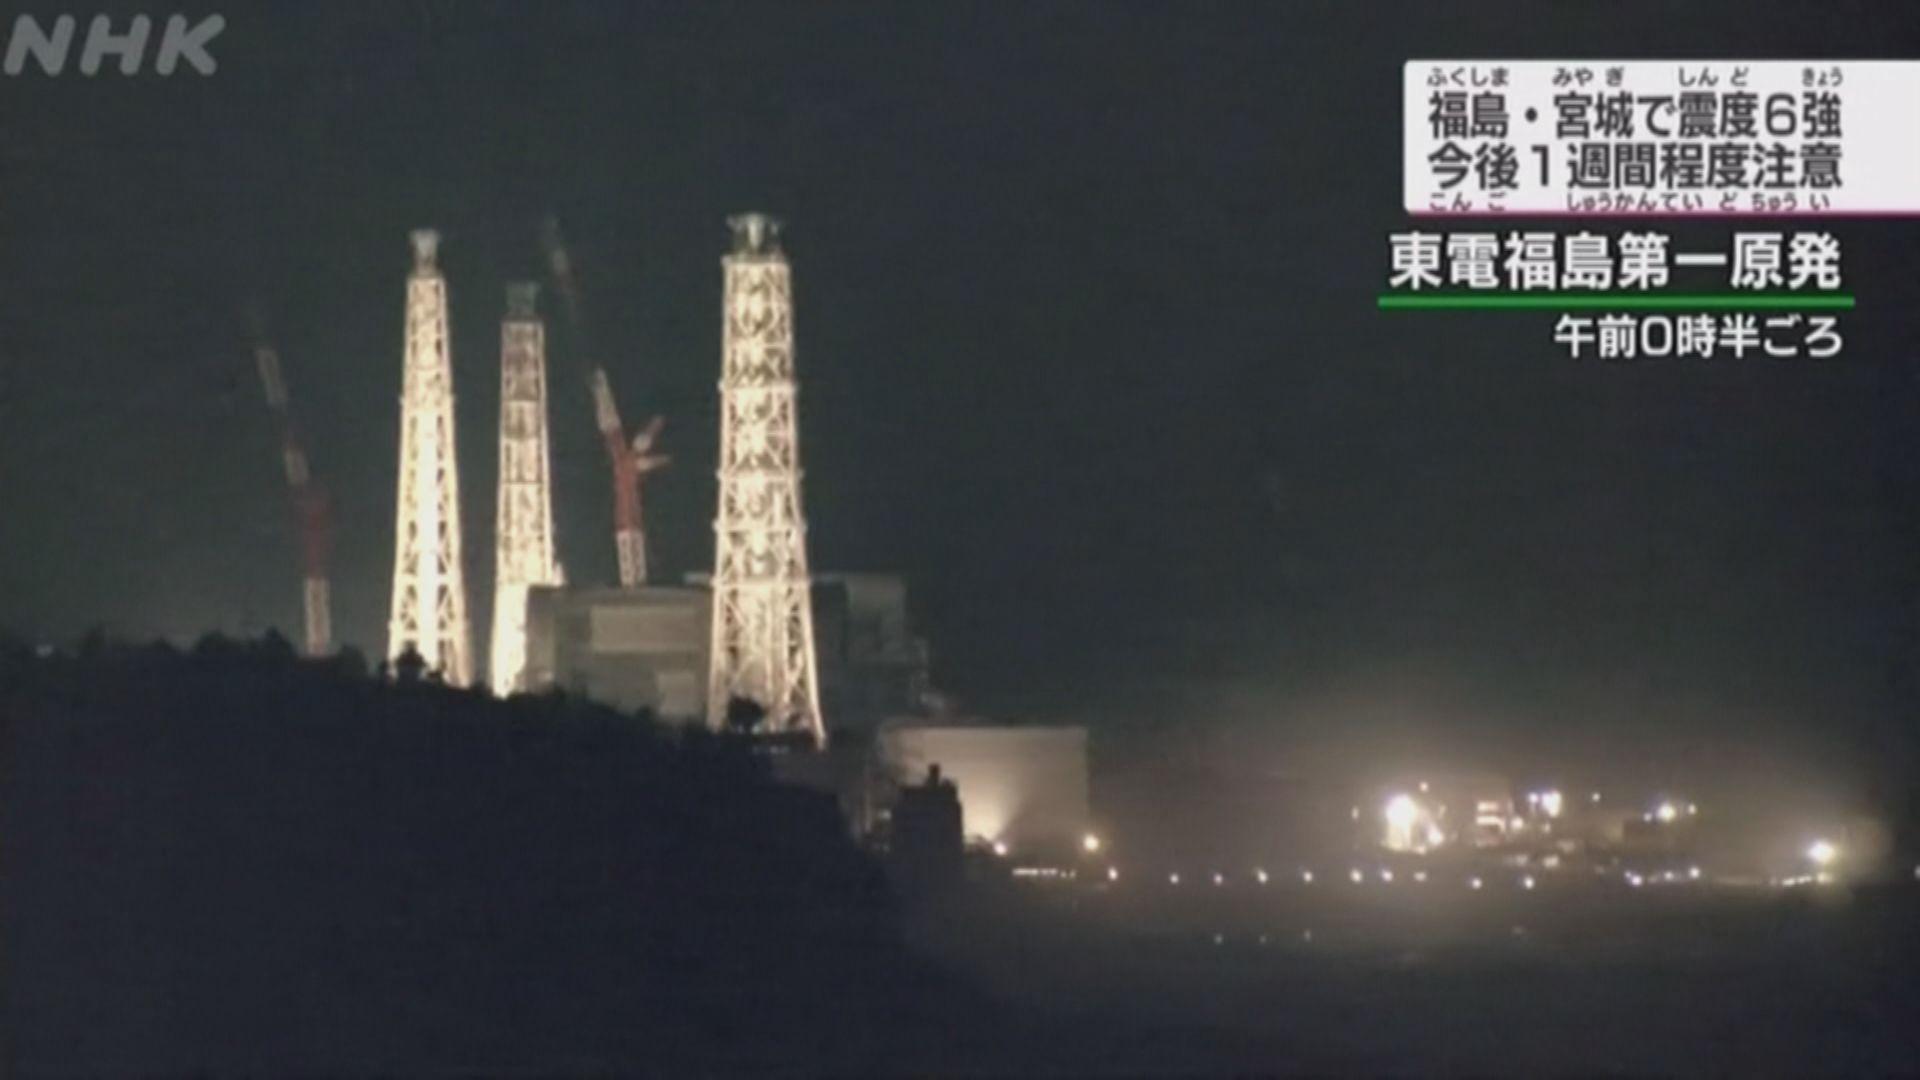 日本福島對開海域7.3級地震 氣象廳不排除為311大地震餘震